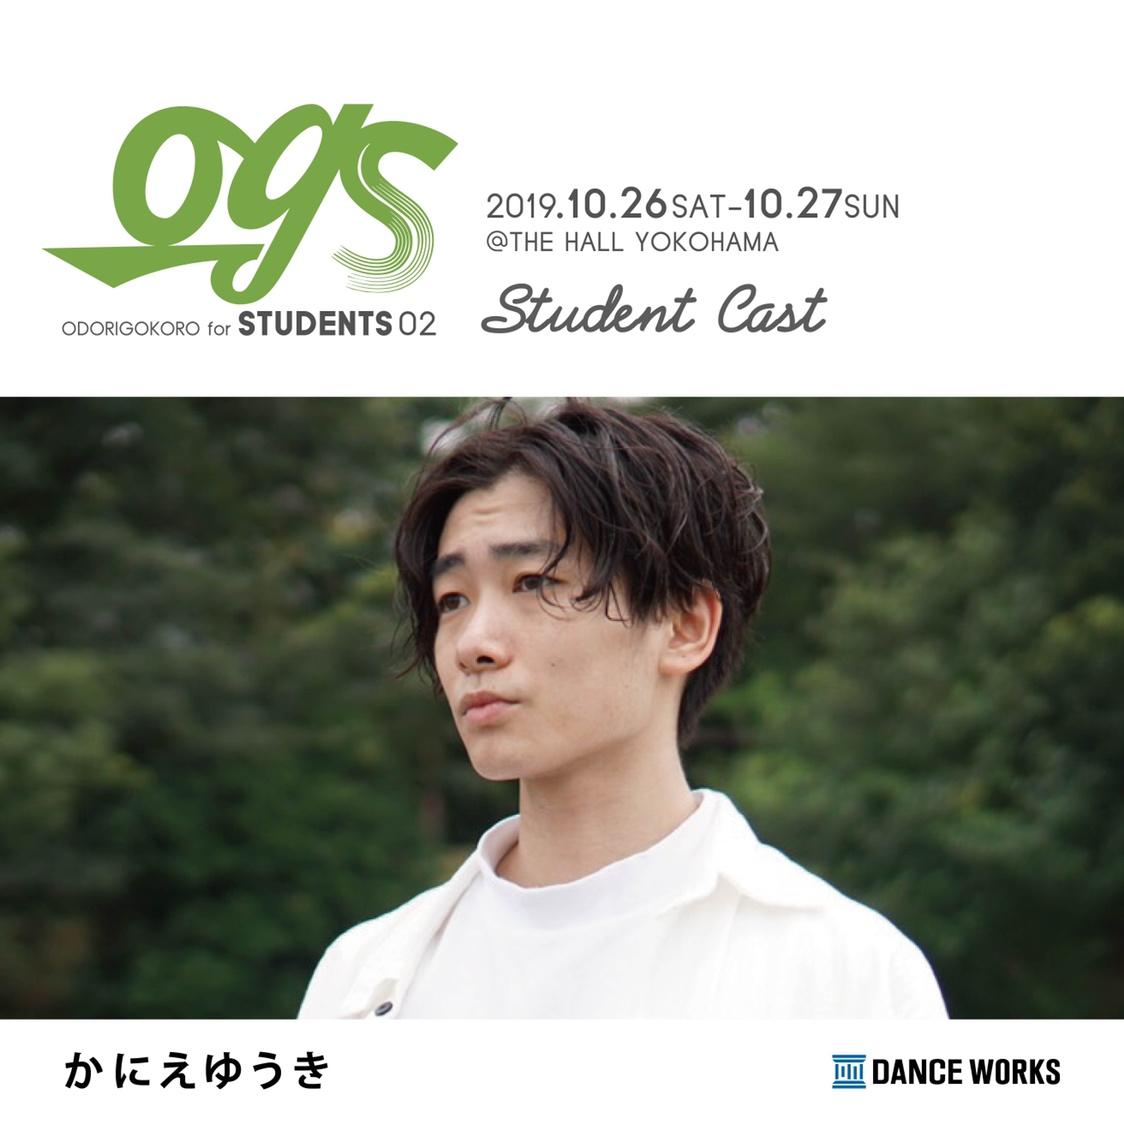 19.09_W_OGS vol.2_出演者告知画像_アートボード 1 のコピー 4